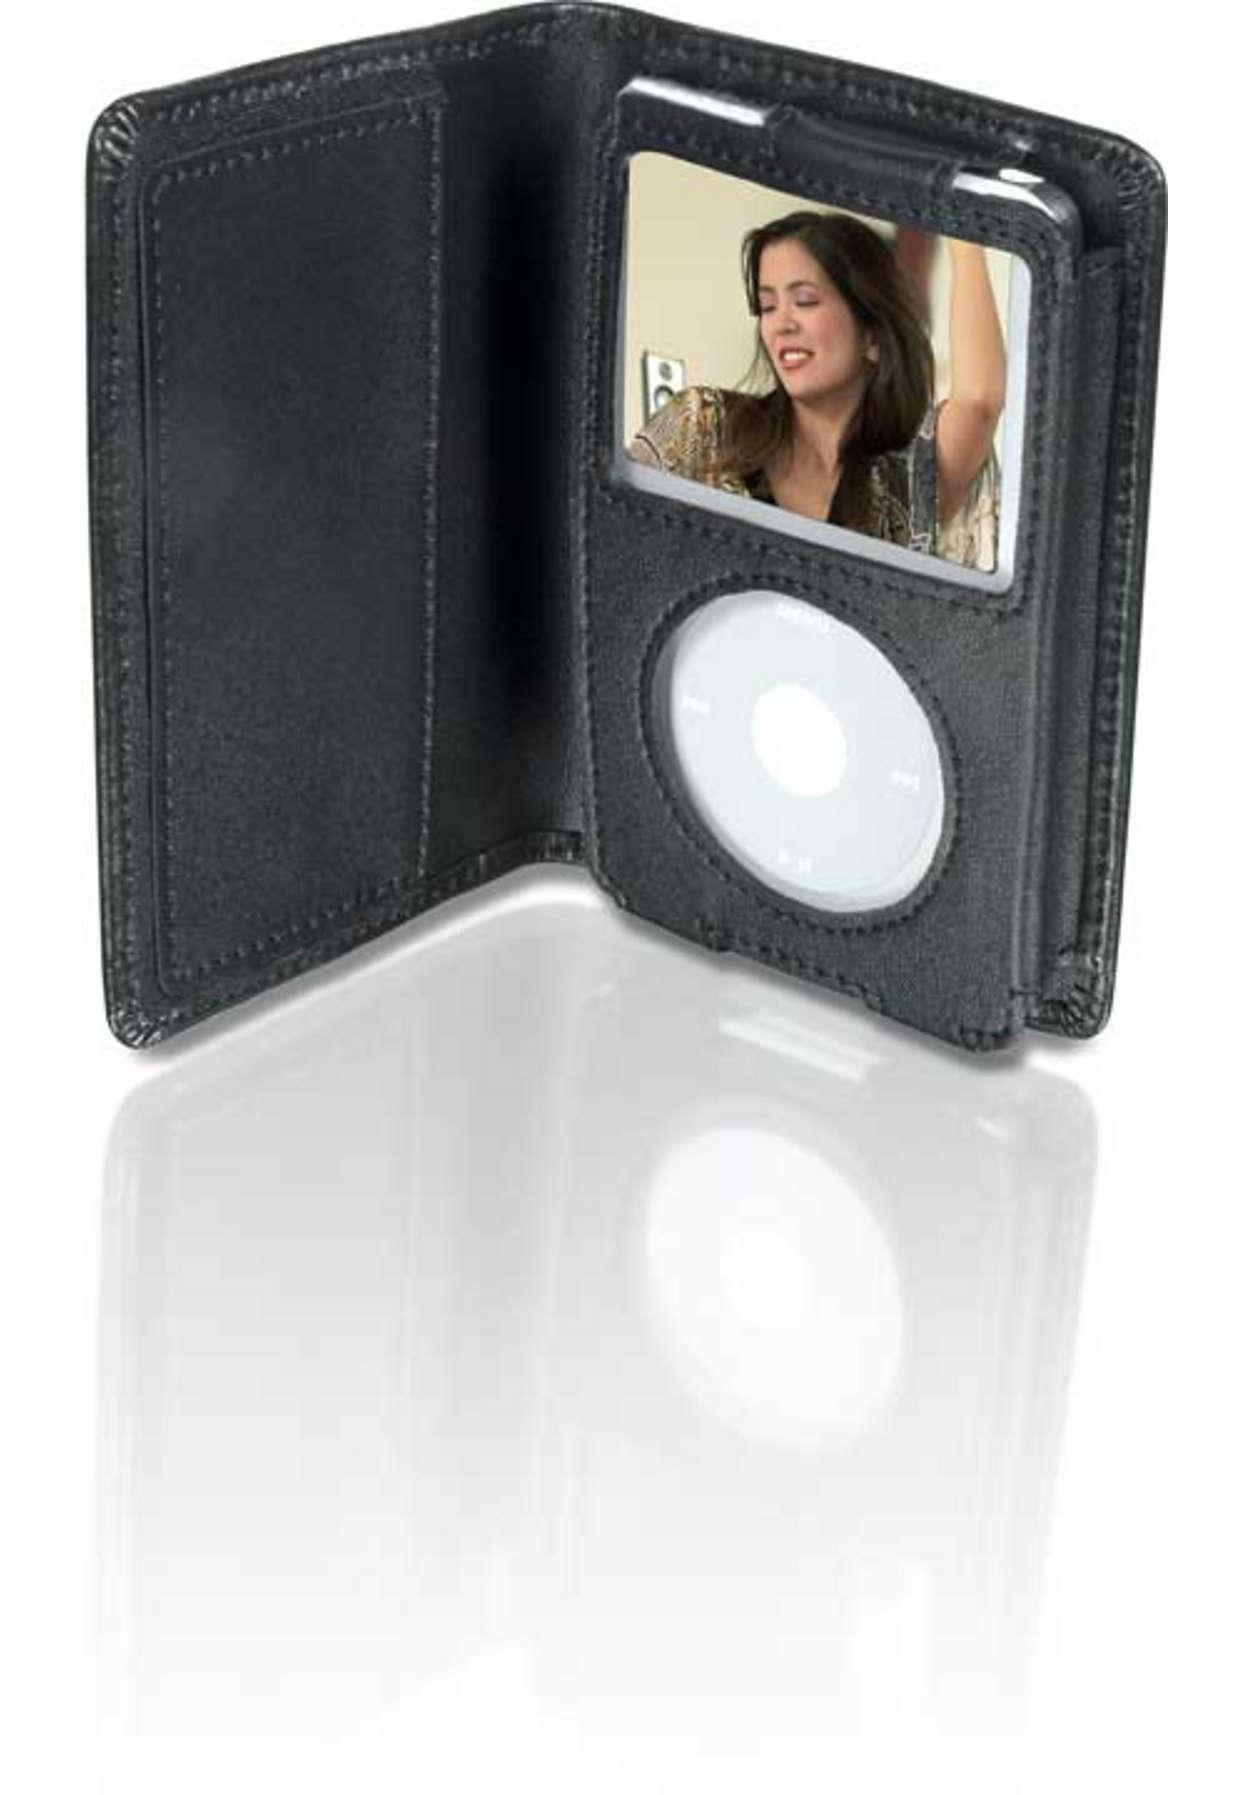 Protejaţi-vă iPod-ul video cu stil